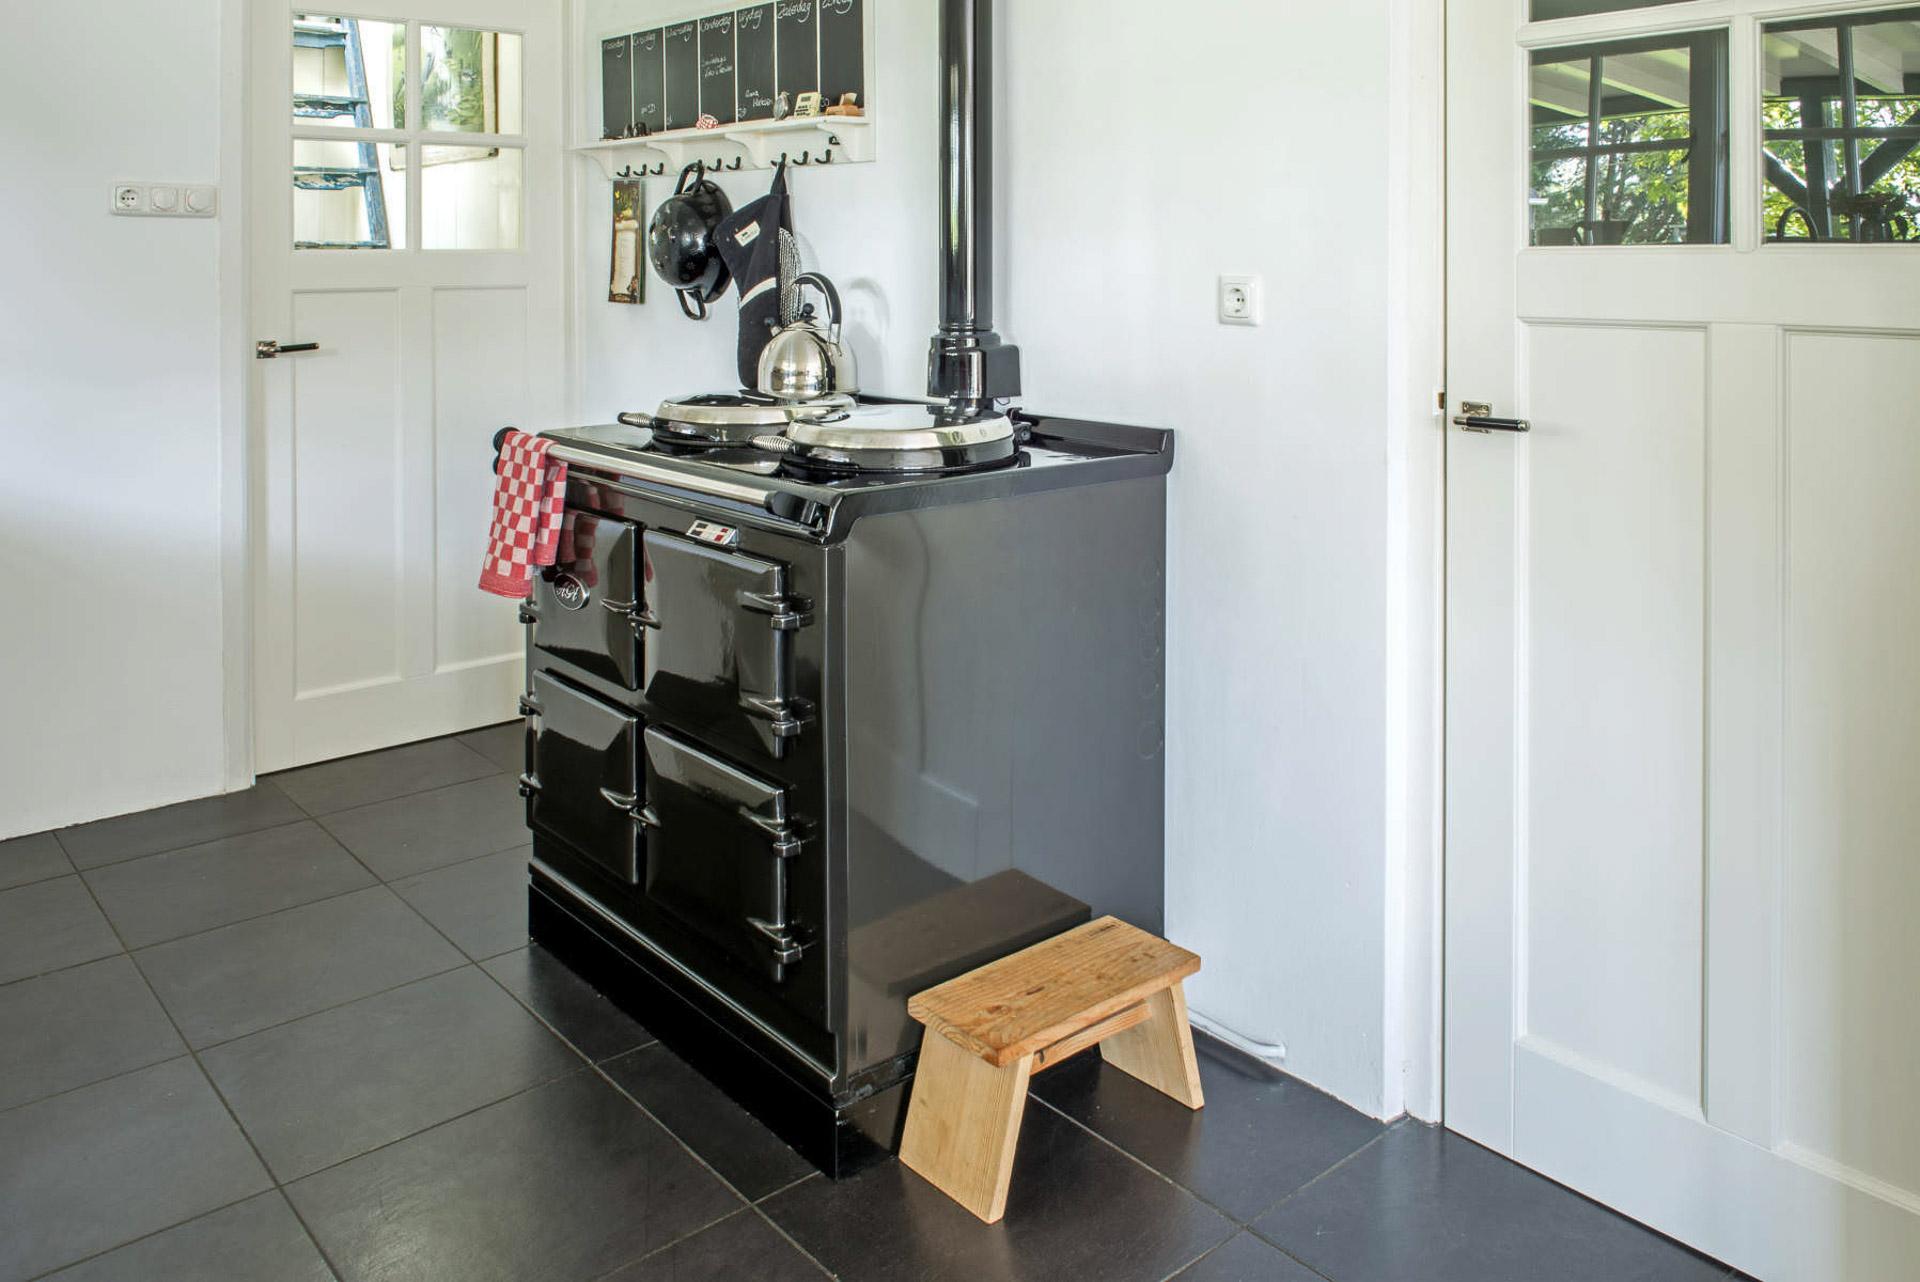 Oudhollandse keuken met AGA Cooker met Terrazzo aanrechtblad